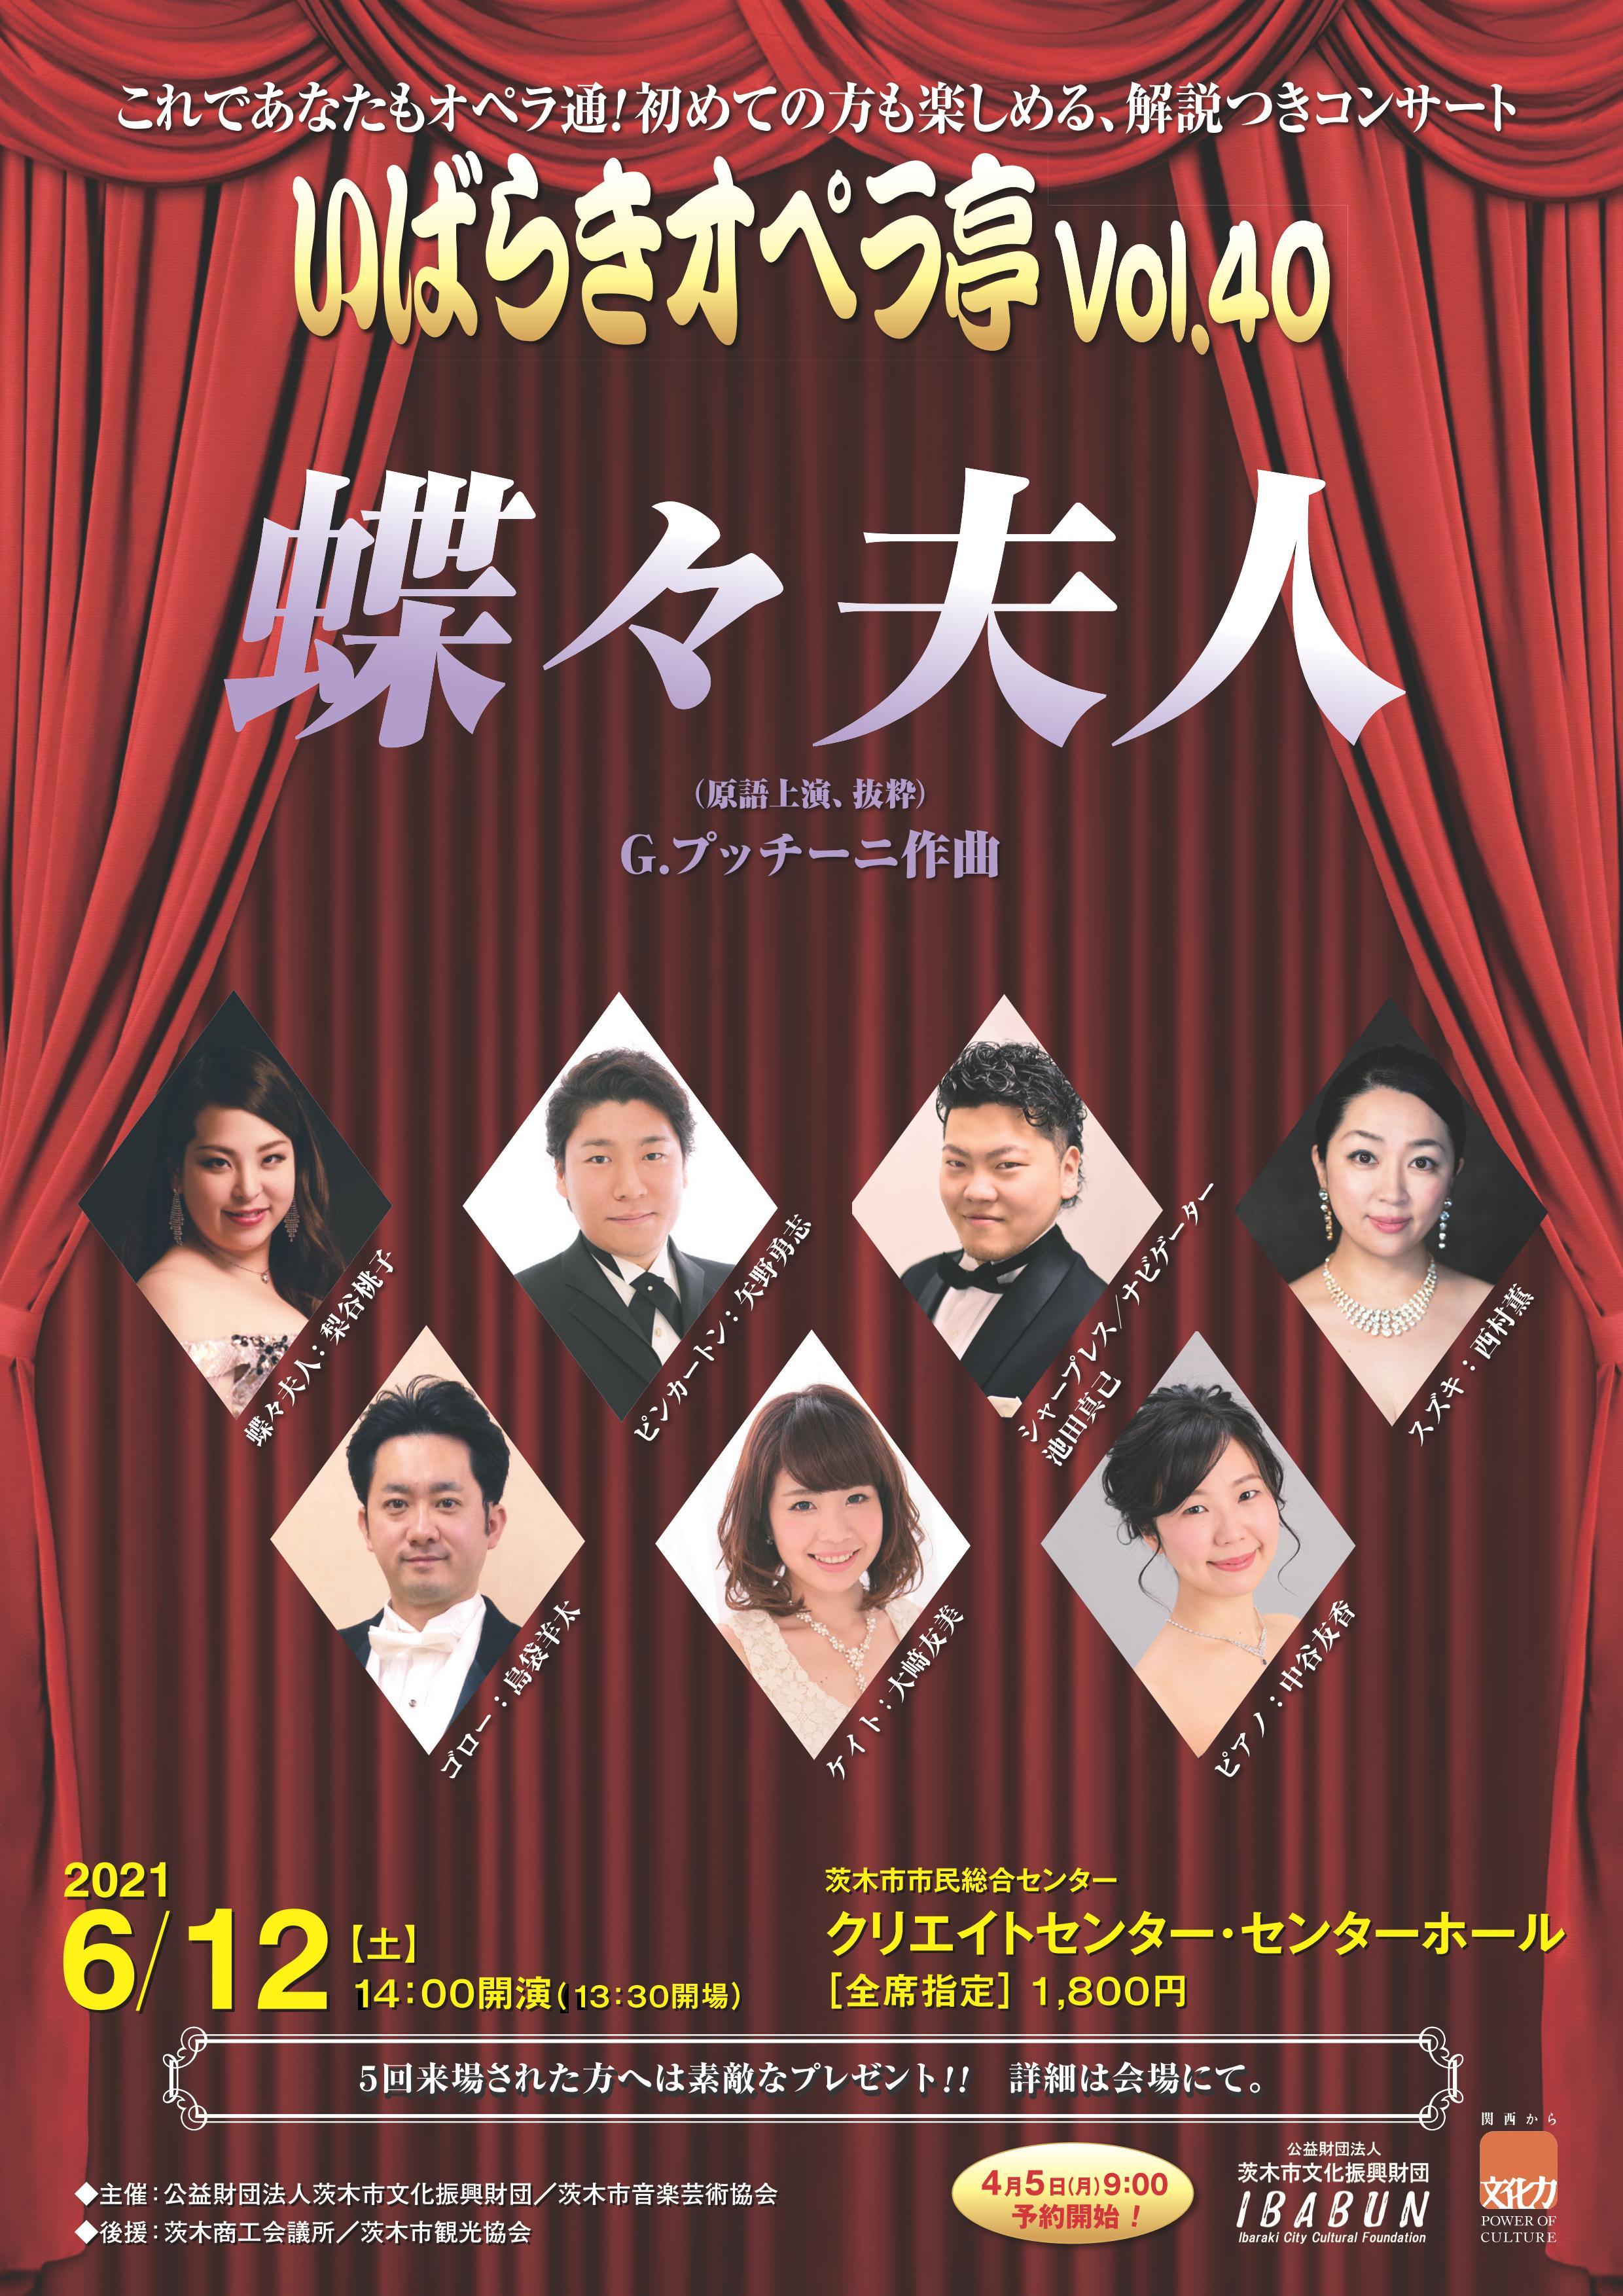 いばらきオペラ亭Vol.40蝶々夫人